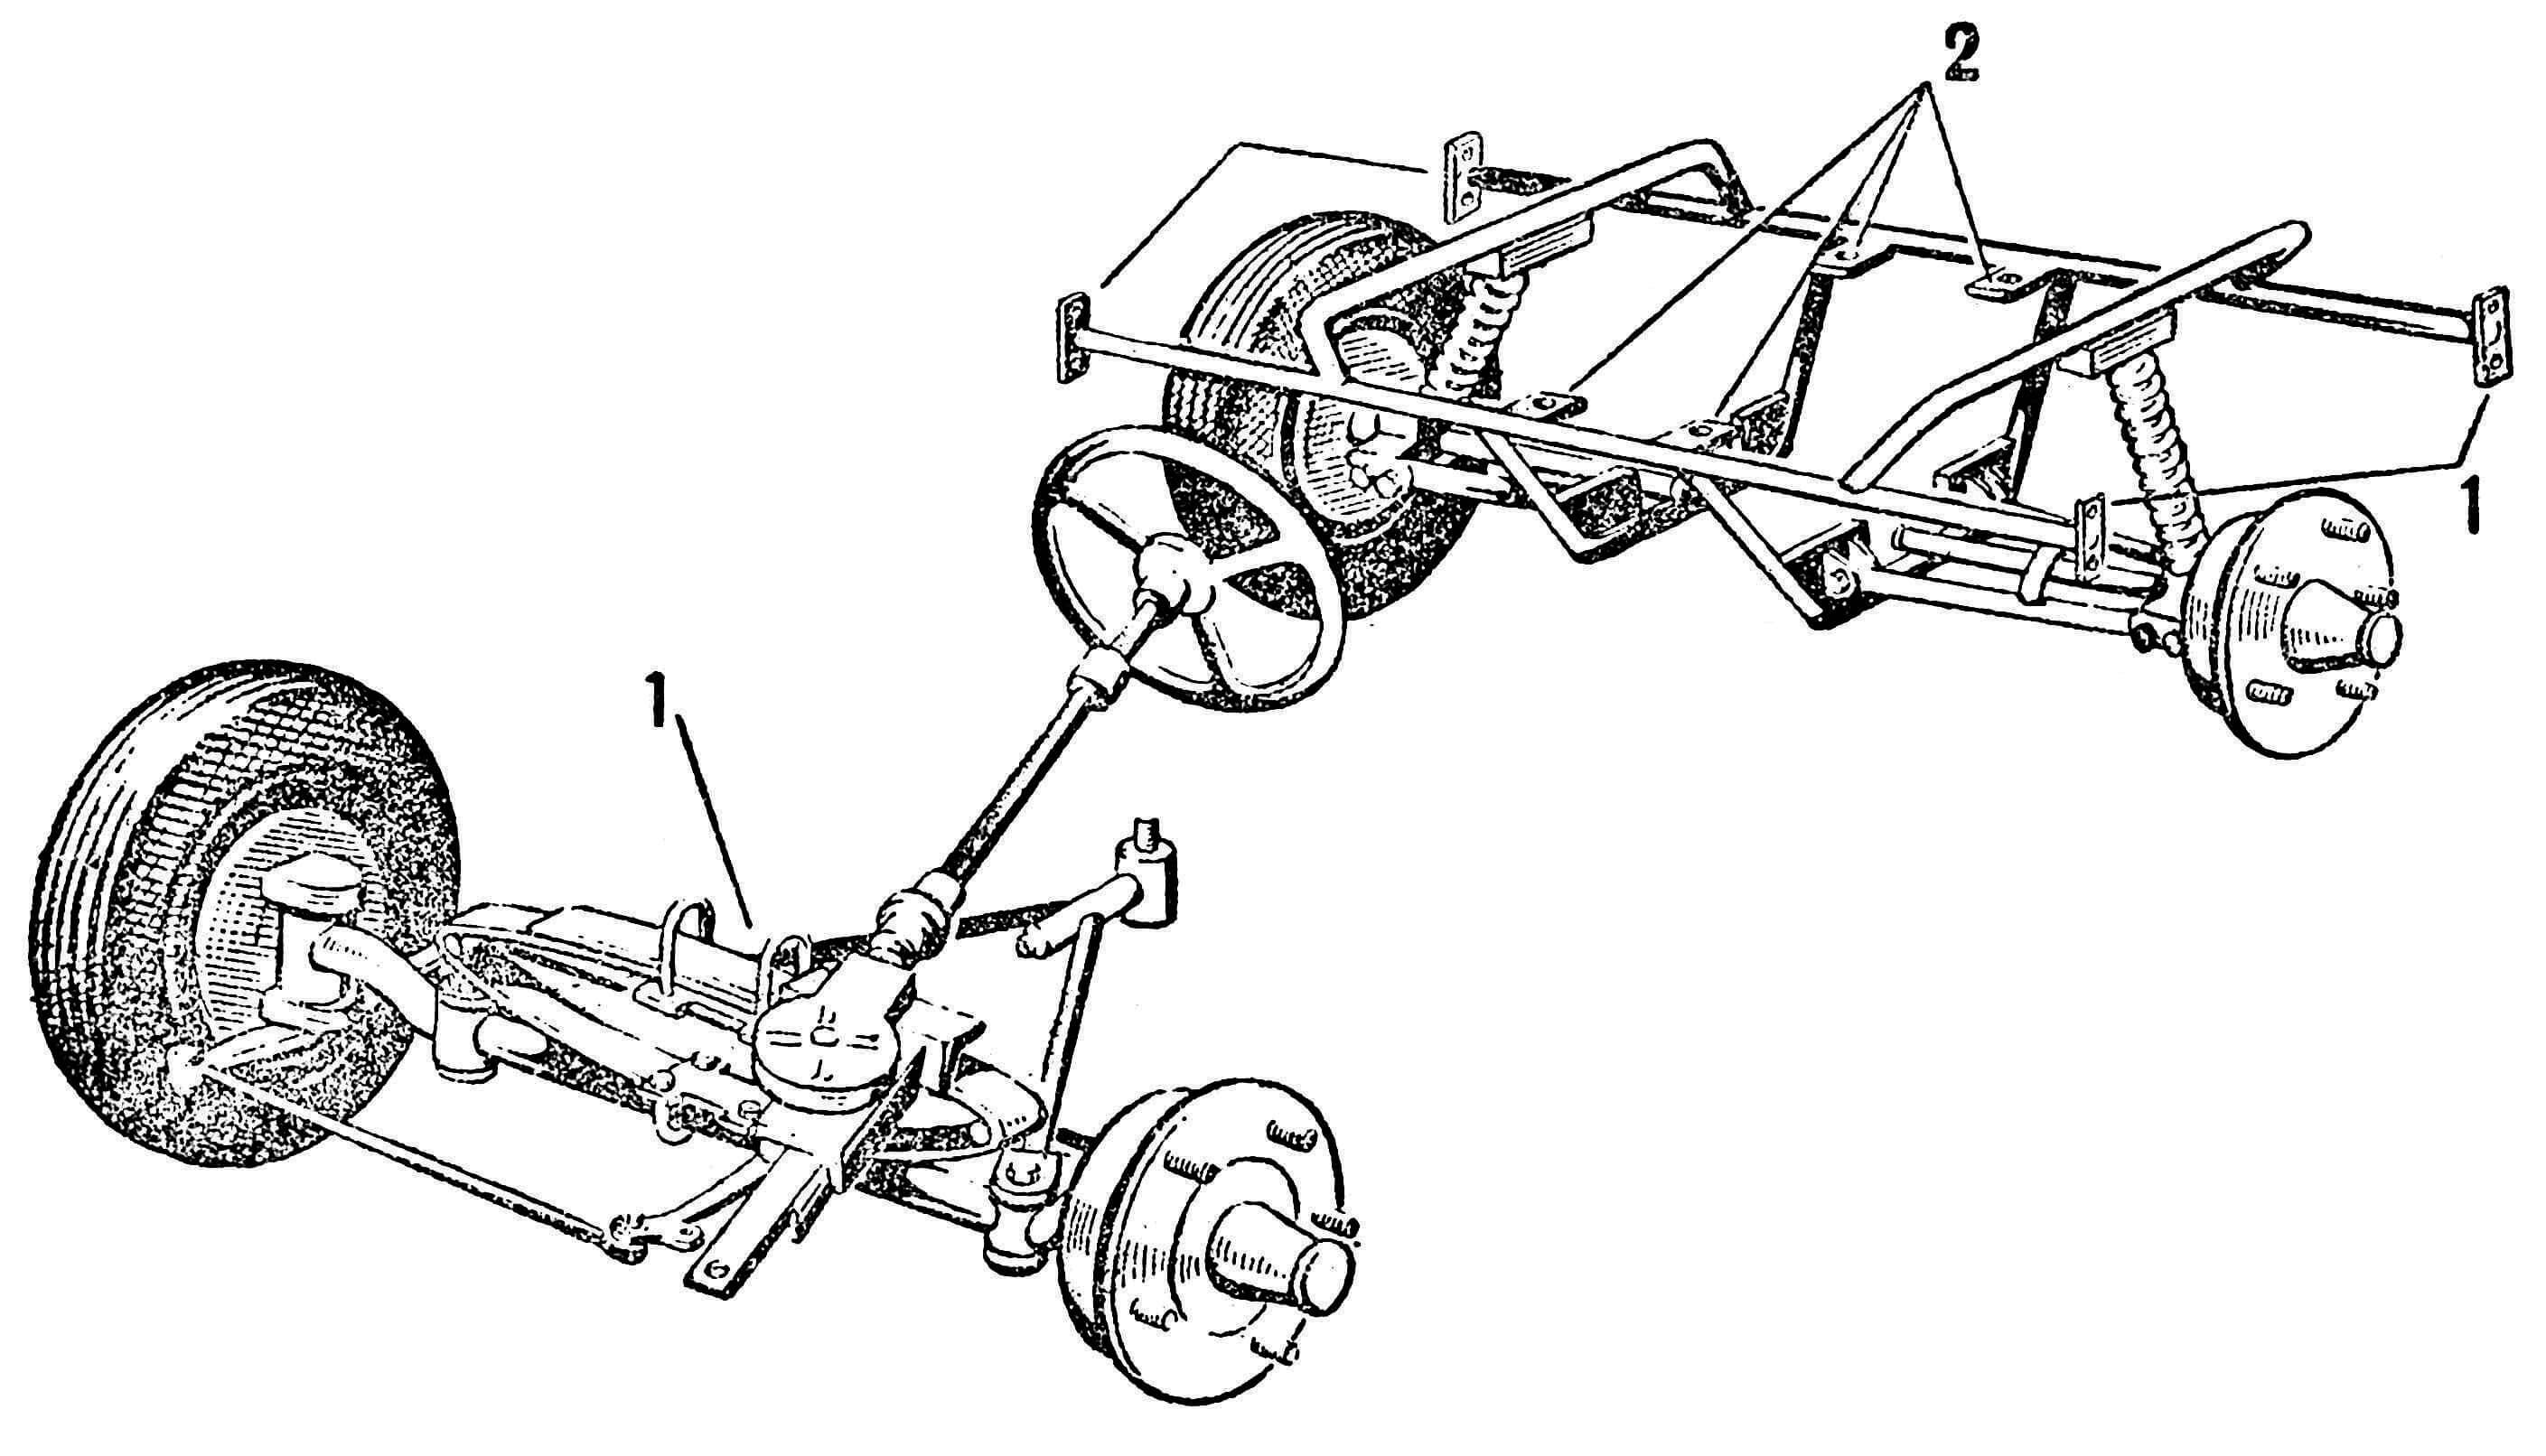 Рис. 2. Ходовая часть машины: 1 — места крепления подвески к кузову; 2 — места крепления подмоторной рамы.